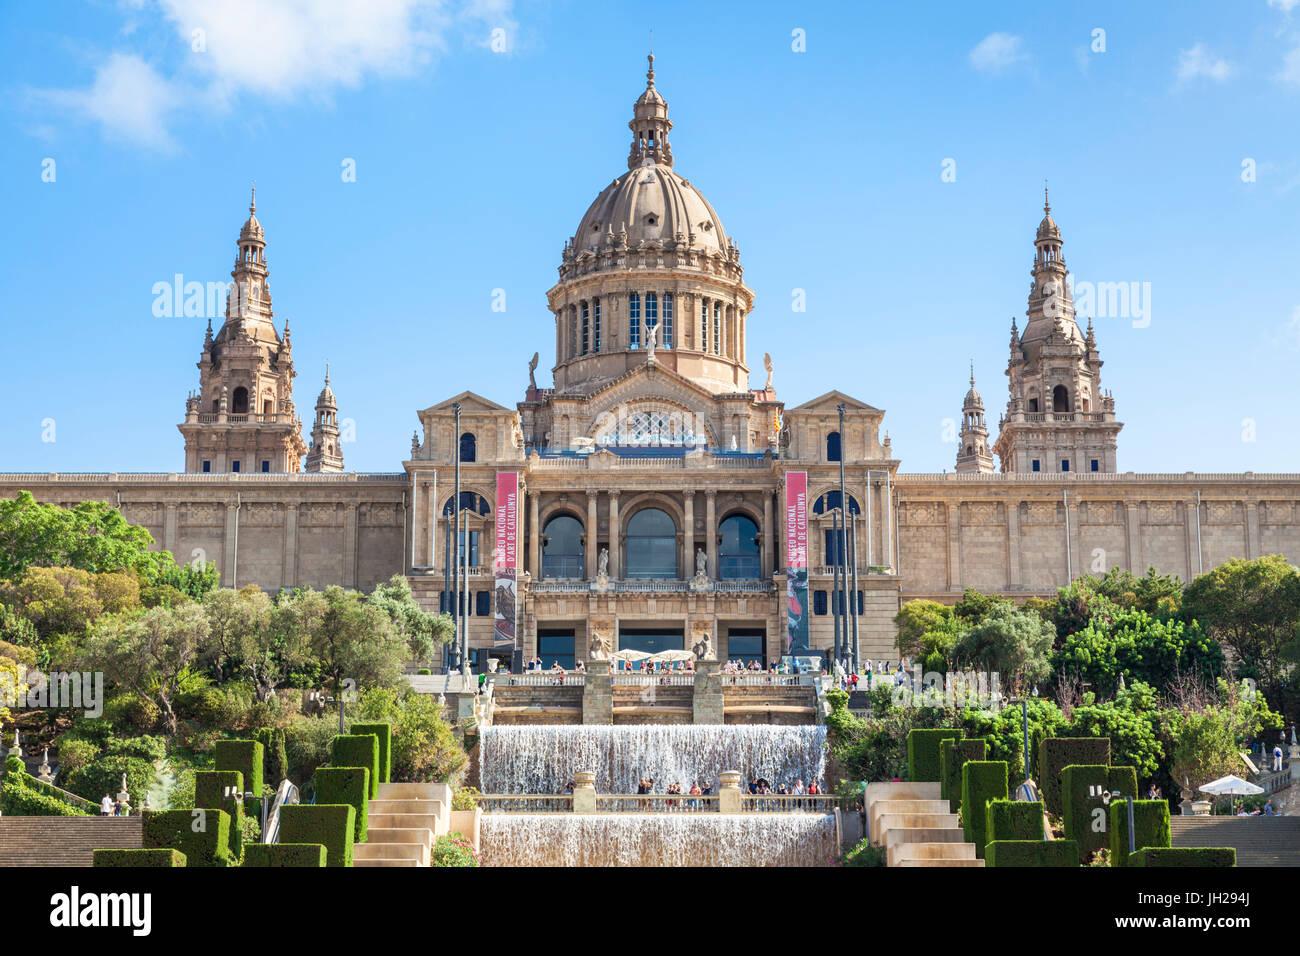 La Fuente Mágica de Montjuic debajo del Palau Nacional, MNAC, La Galería Nacional de Arte, Barcelona, Imagen De Stock